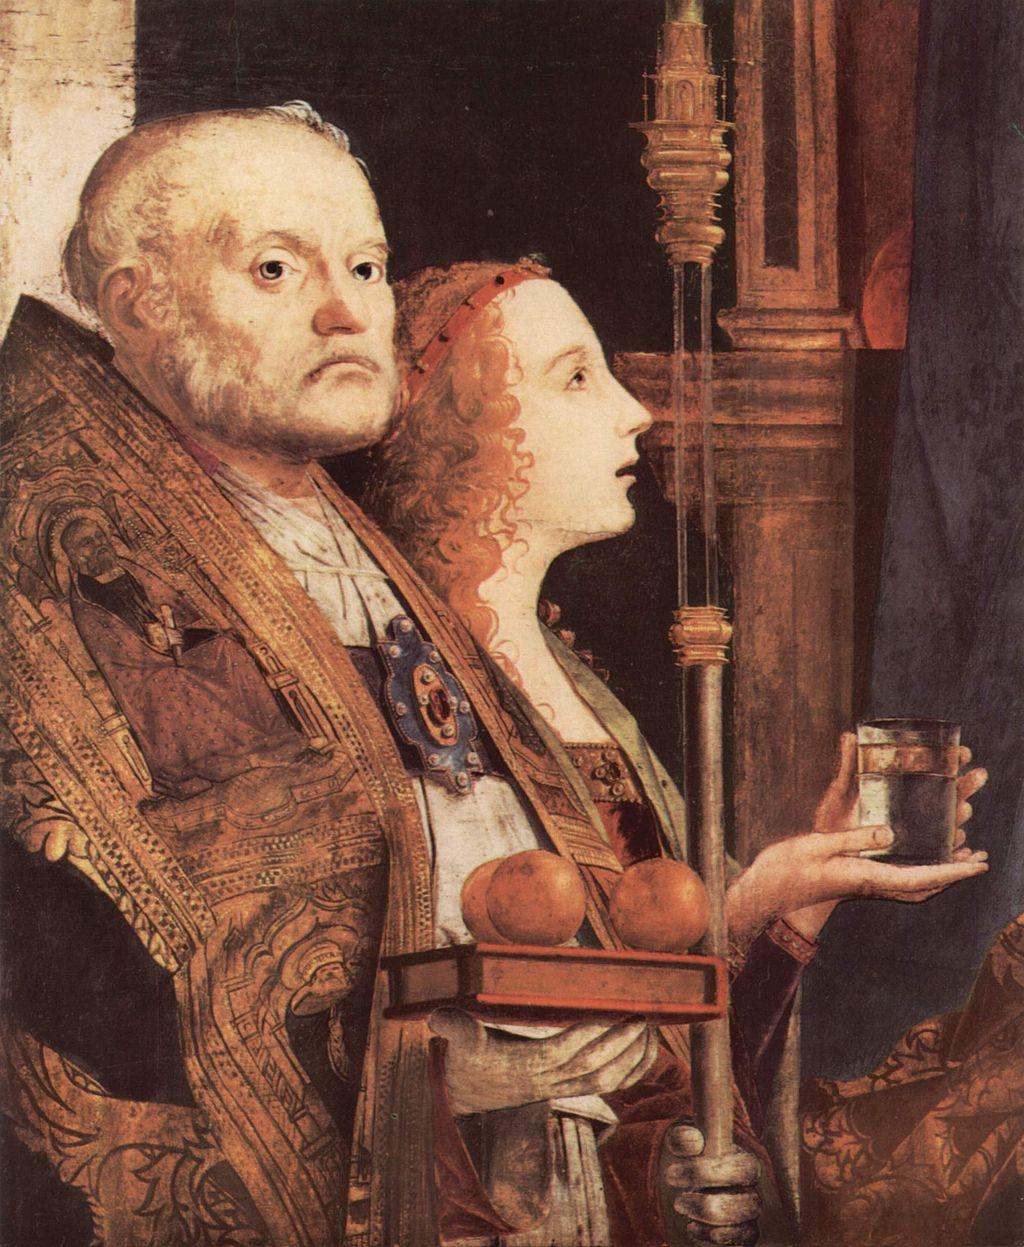 Antonello da Messina (1430–1479), Pala di San Cassiano (San Nicola e Maria Maddalena), particolare, , 1475-1476 circa, olio su tavola, 115×135,6 cm, Vienna, Kunsthistorisches Museum [1]